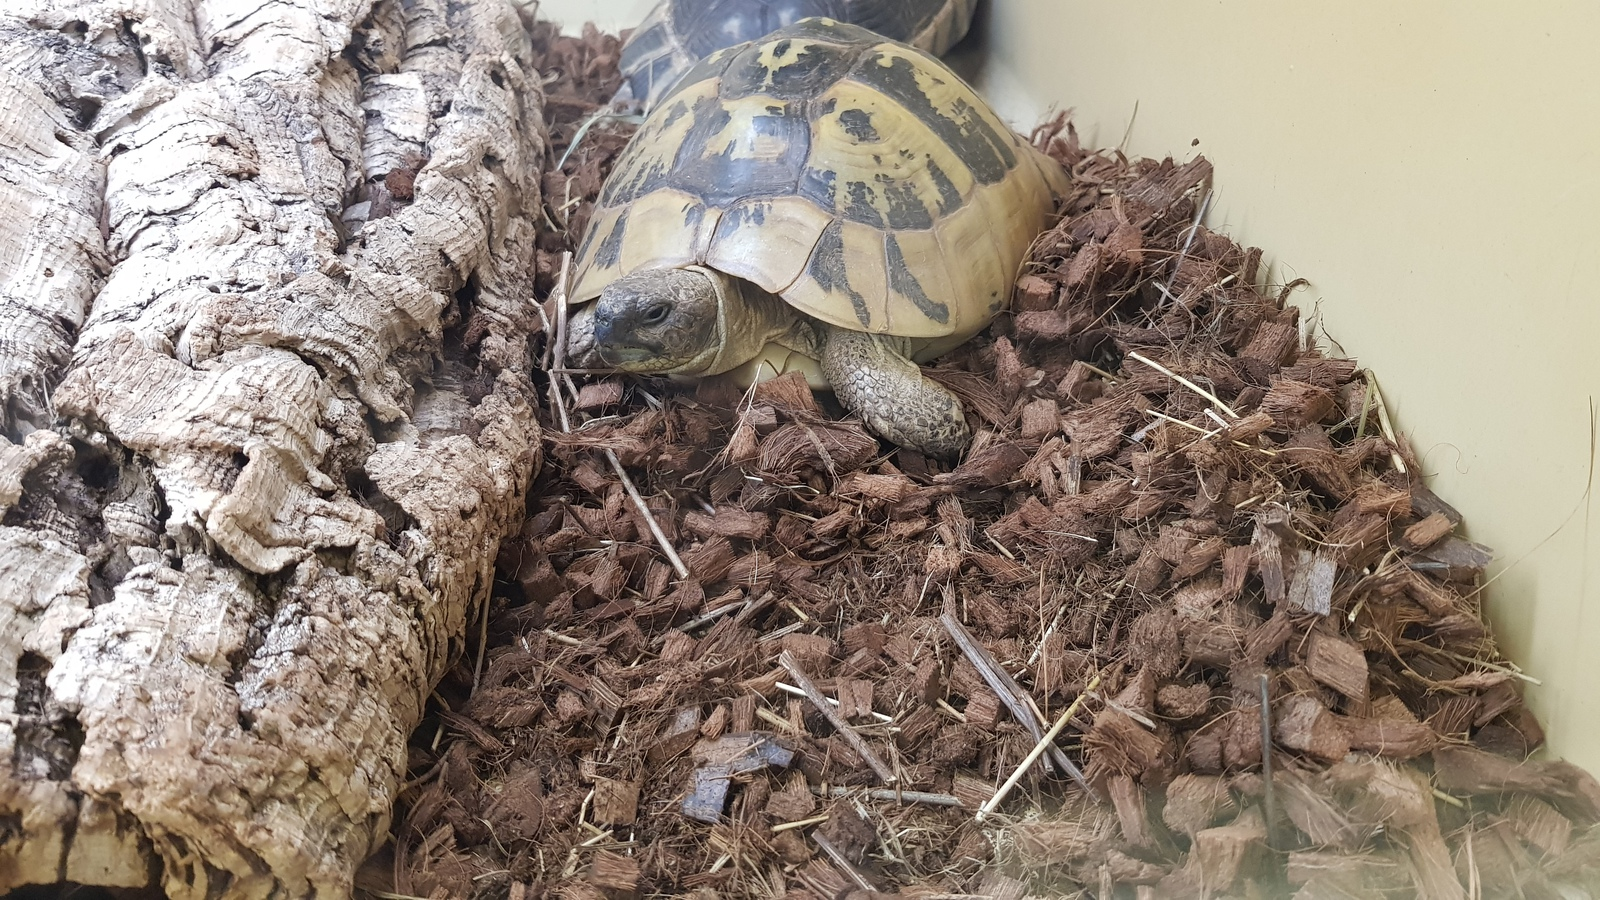 Comment s'appelle cette tortue de plus en plus rare ?